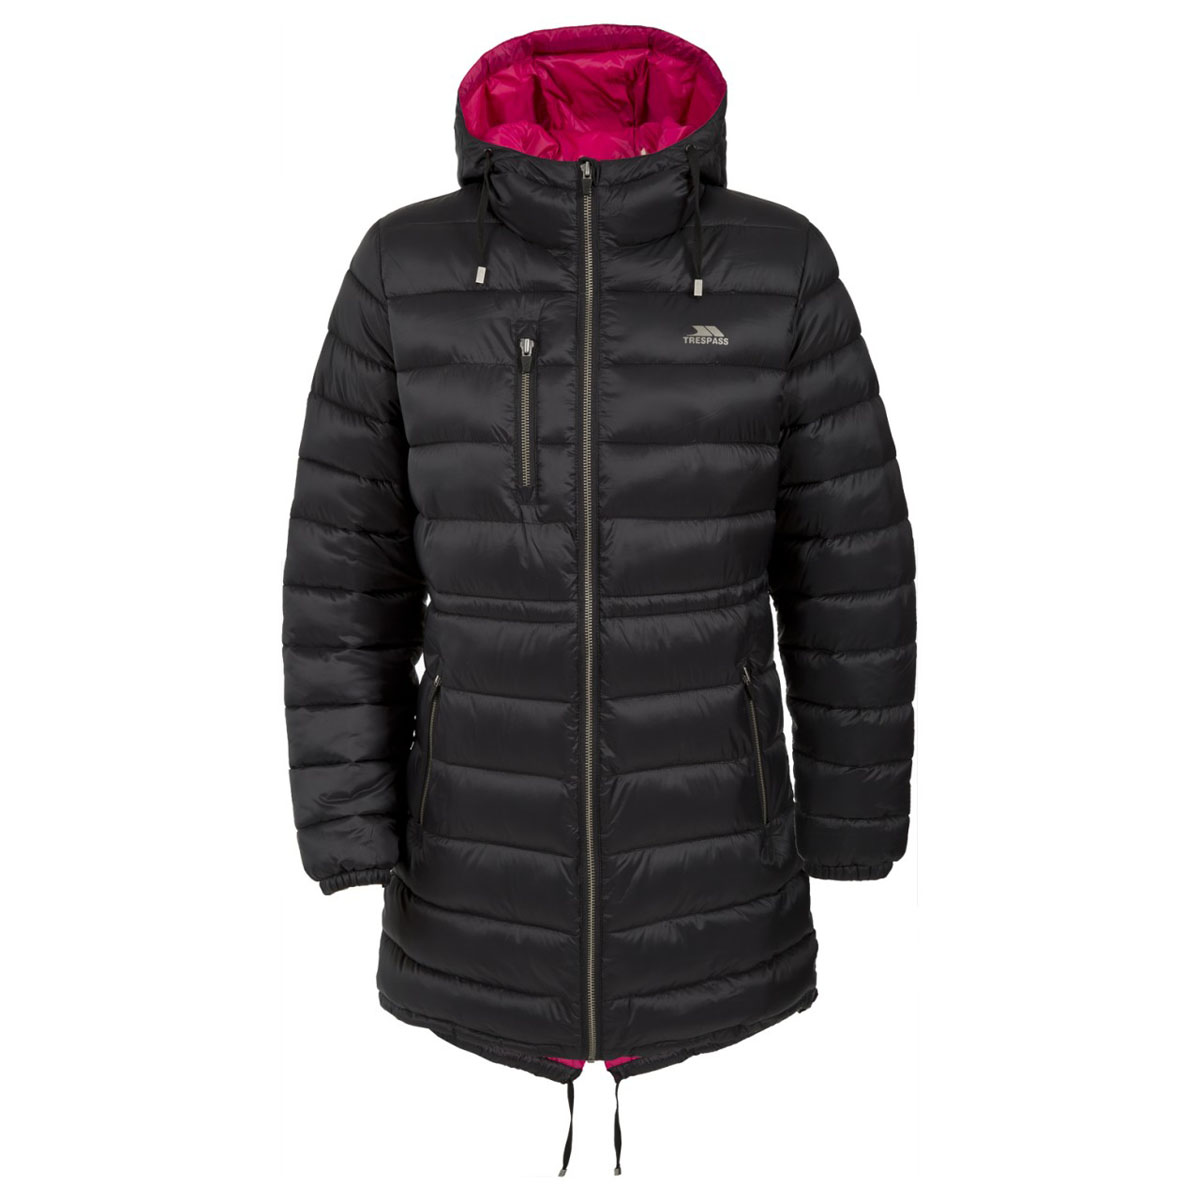 Пальто женское Trespass Prudhoe, цвет: черный. FAJKCAL20003. Размер XS (42)FAJKCAL20003Теплое женское пальто Trespass Prudhoe выполнено из 100% полиэстера. Утеплитель ColdHeat 200 г/м2 (синтетический, микроволоконный с функцией быстрого отвода влаги и высоким уровнем теплозащиты и износостойкости). Модель с капюшоном и длинными рукавами застегивается на застежку-молнию.